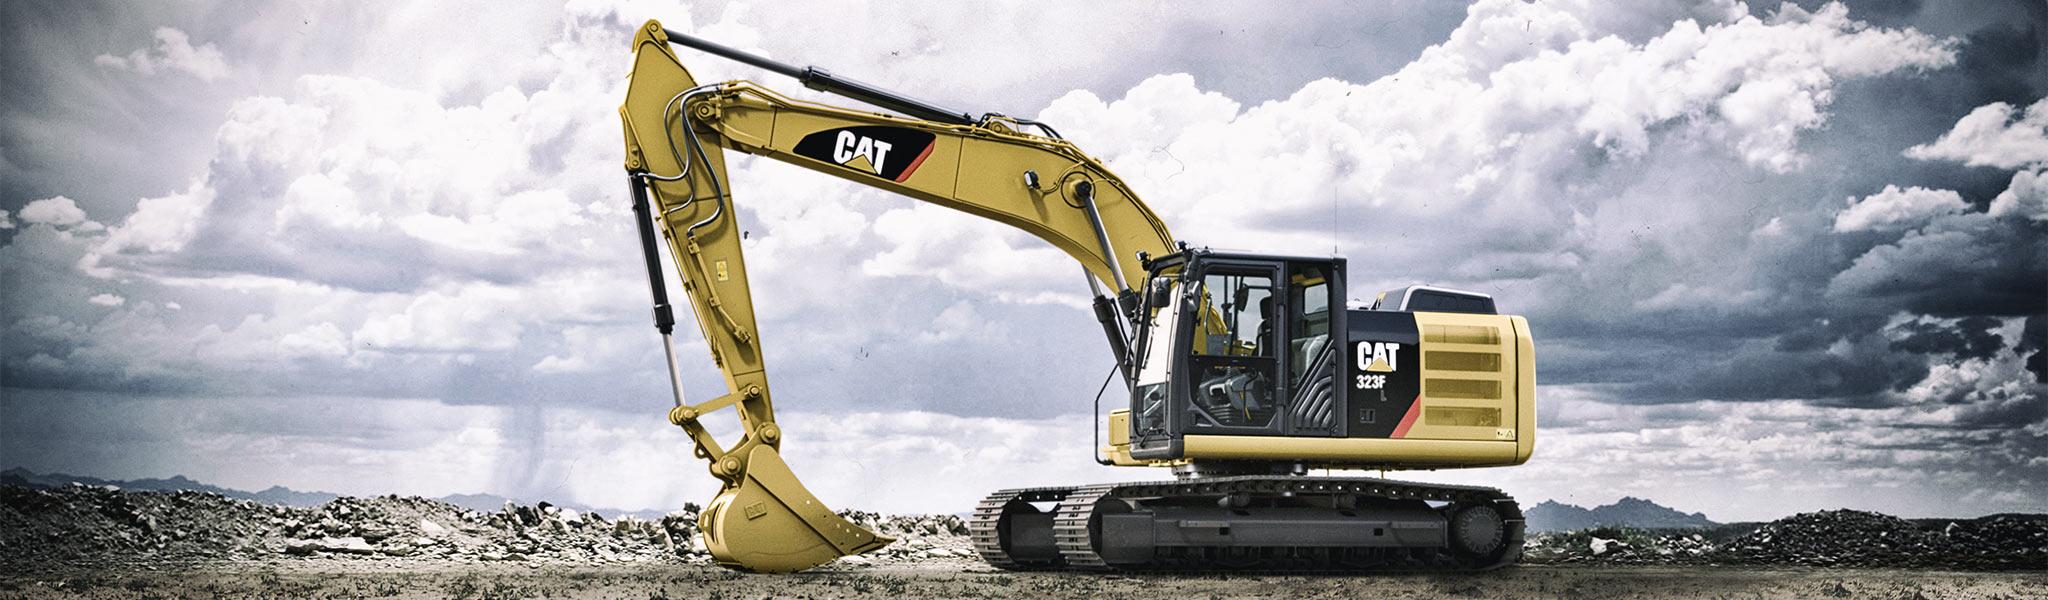 The new Cat 323F L Excavator